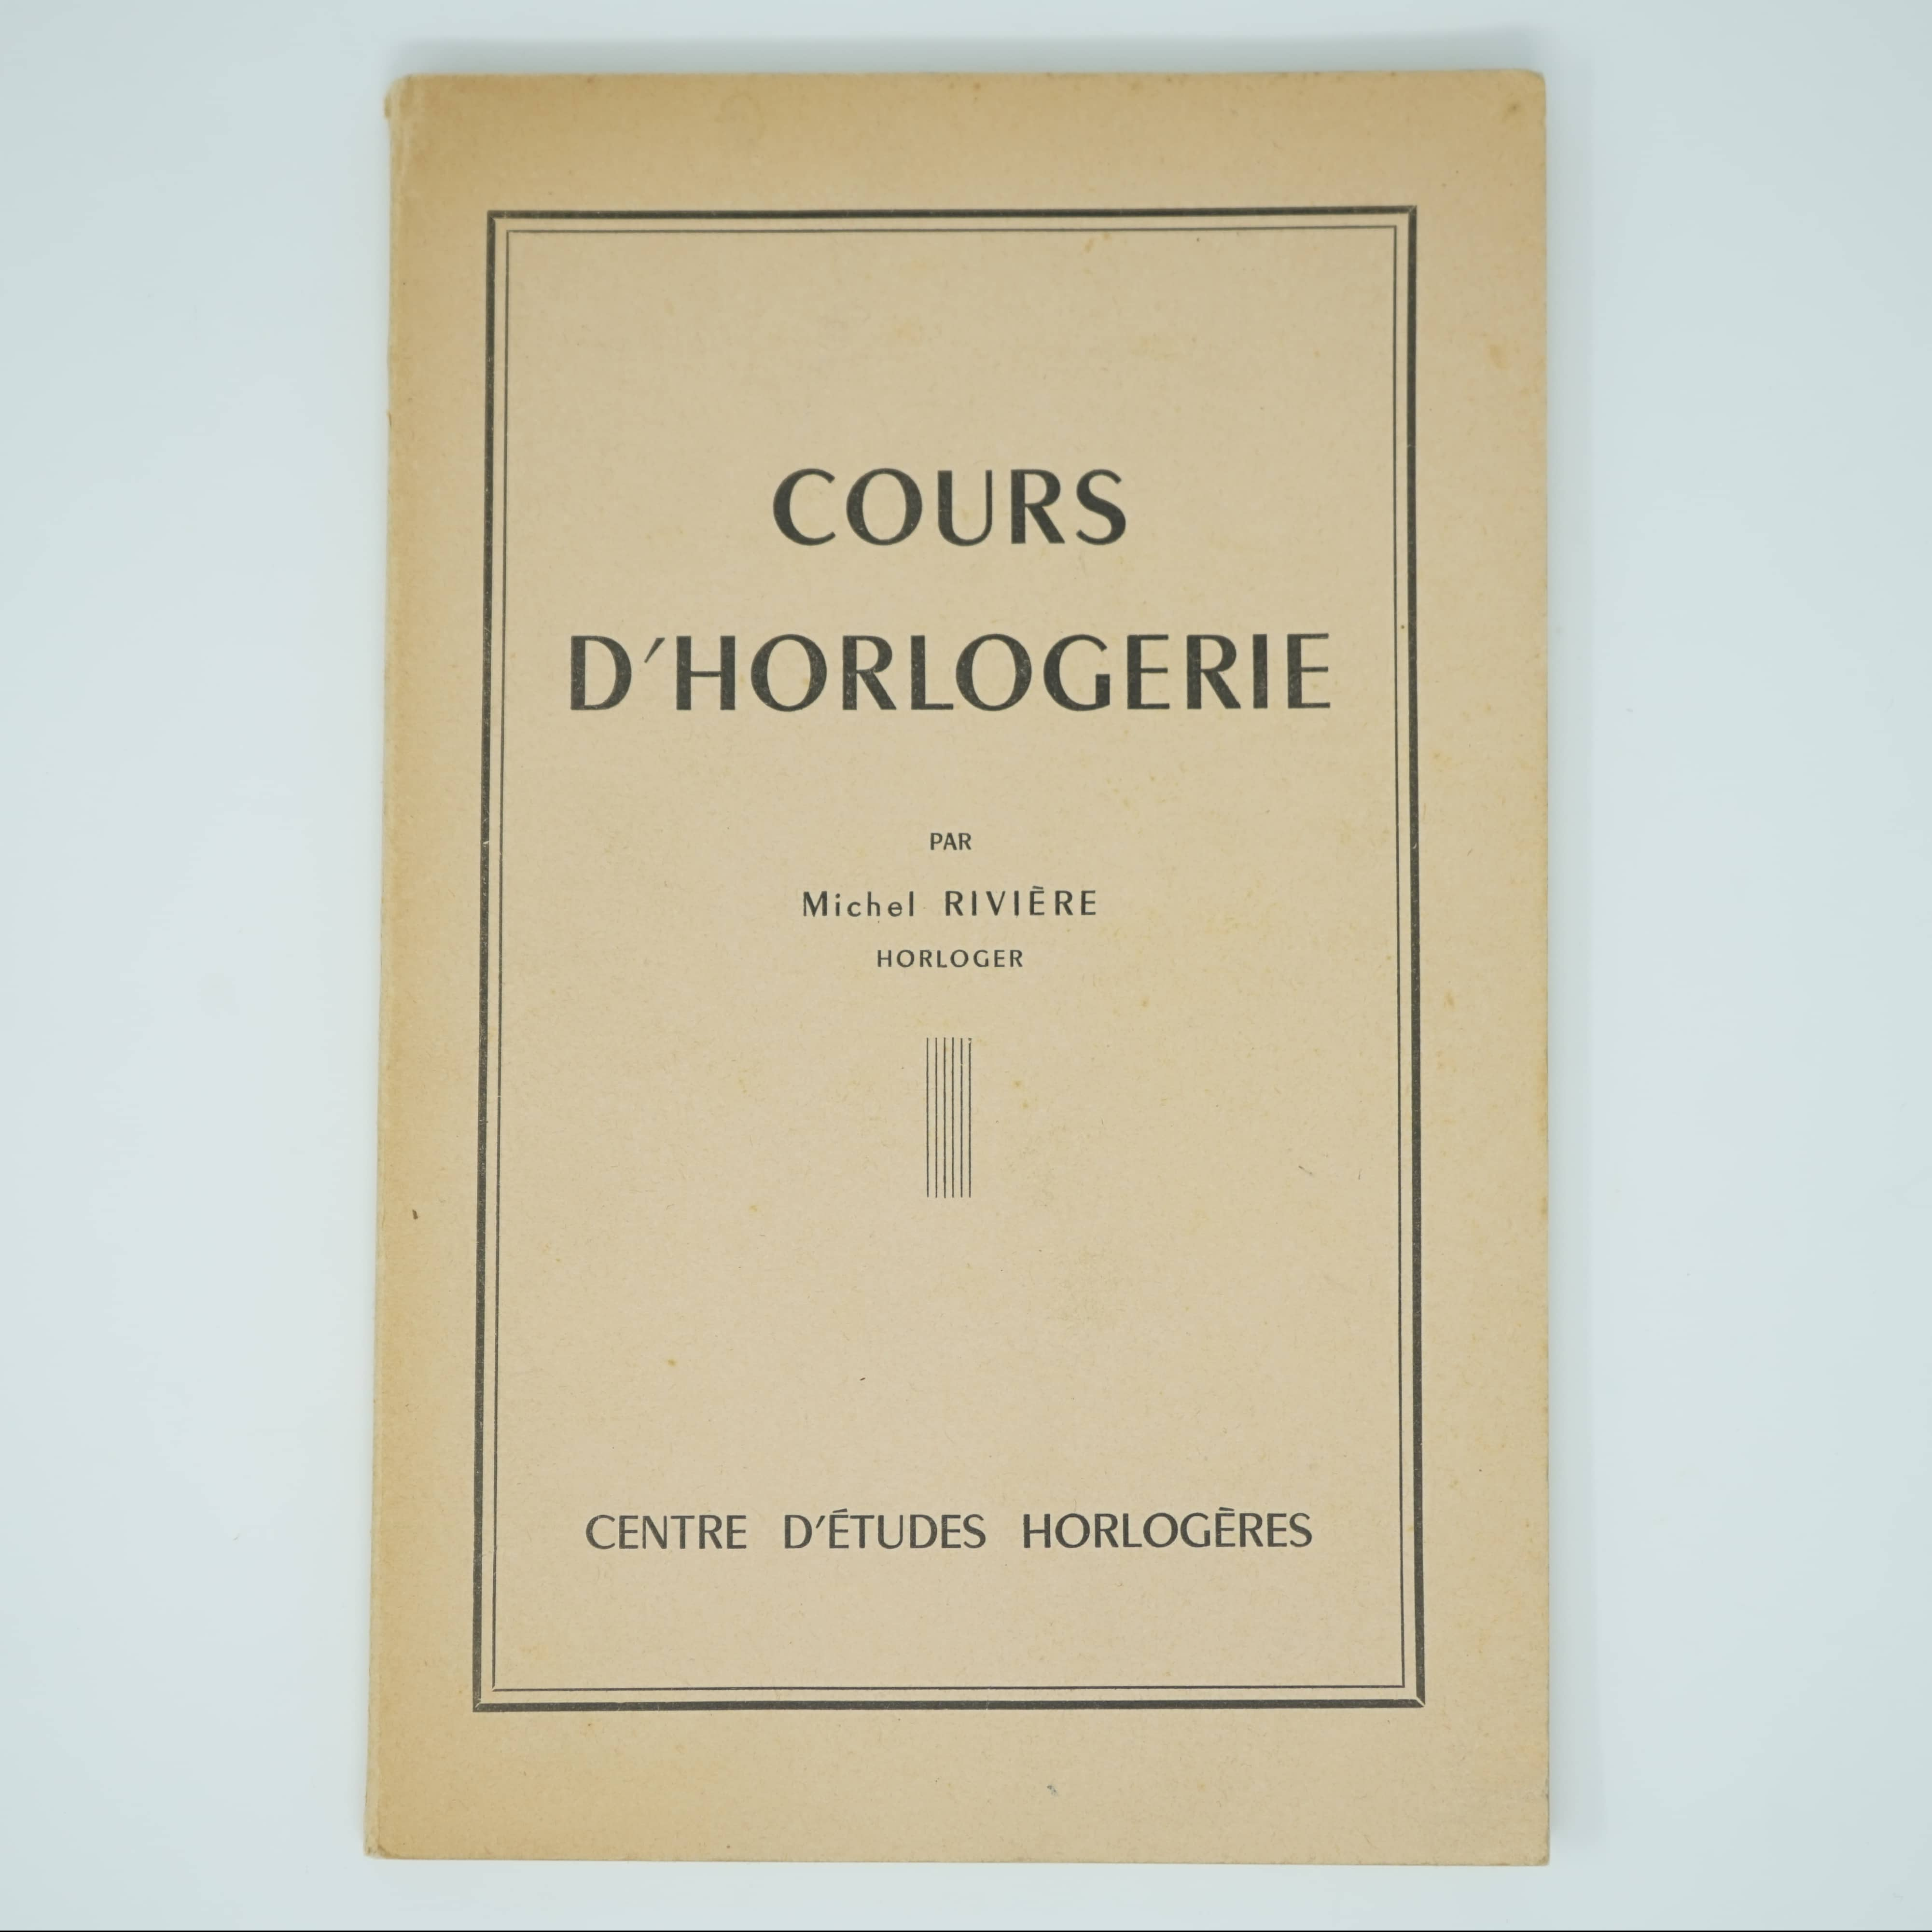 Livre Cours d'Horlogerie couverture